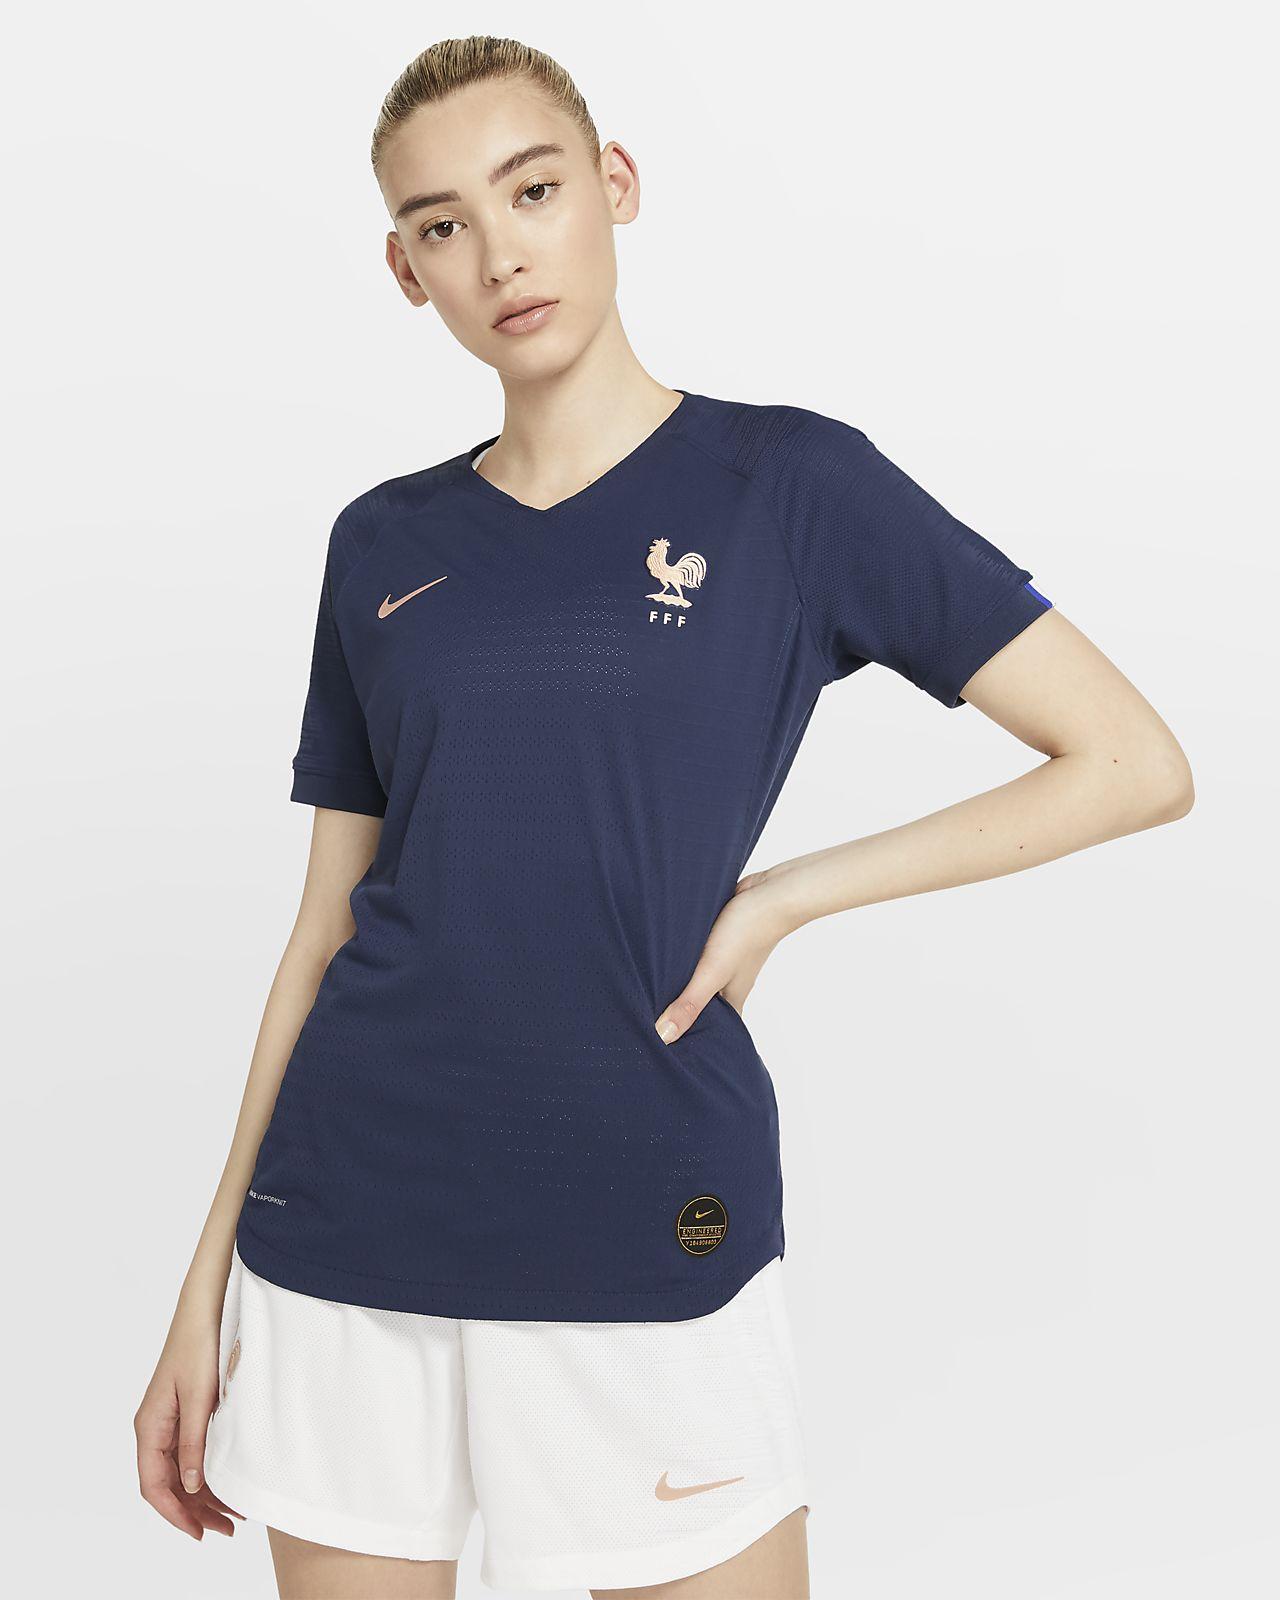 maillot de foot femme